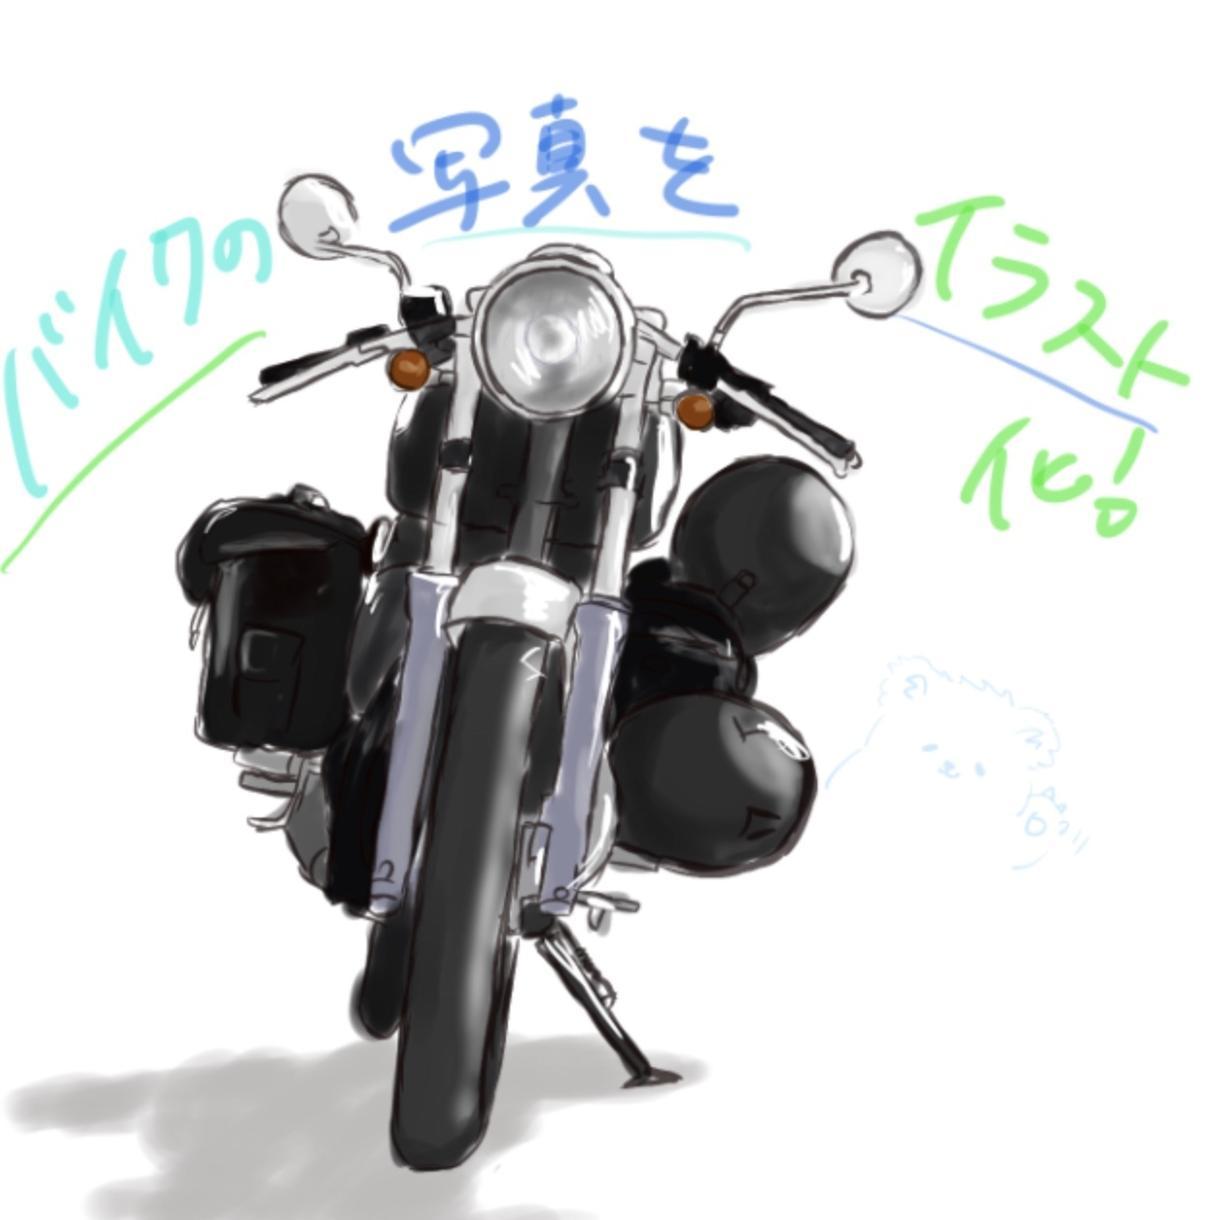 お客様のバイク写真をイラスト化いたします 素敵なバイクをお見せください!イラスト化させていただきます♪ イメージ1